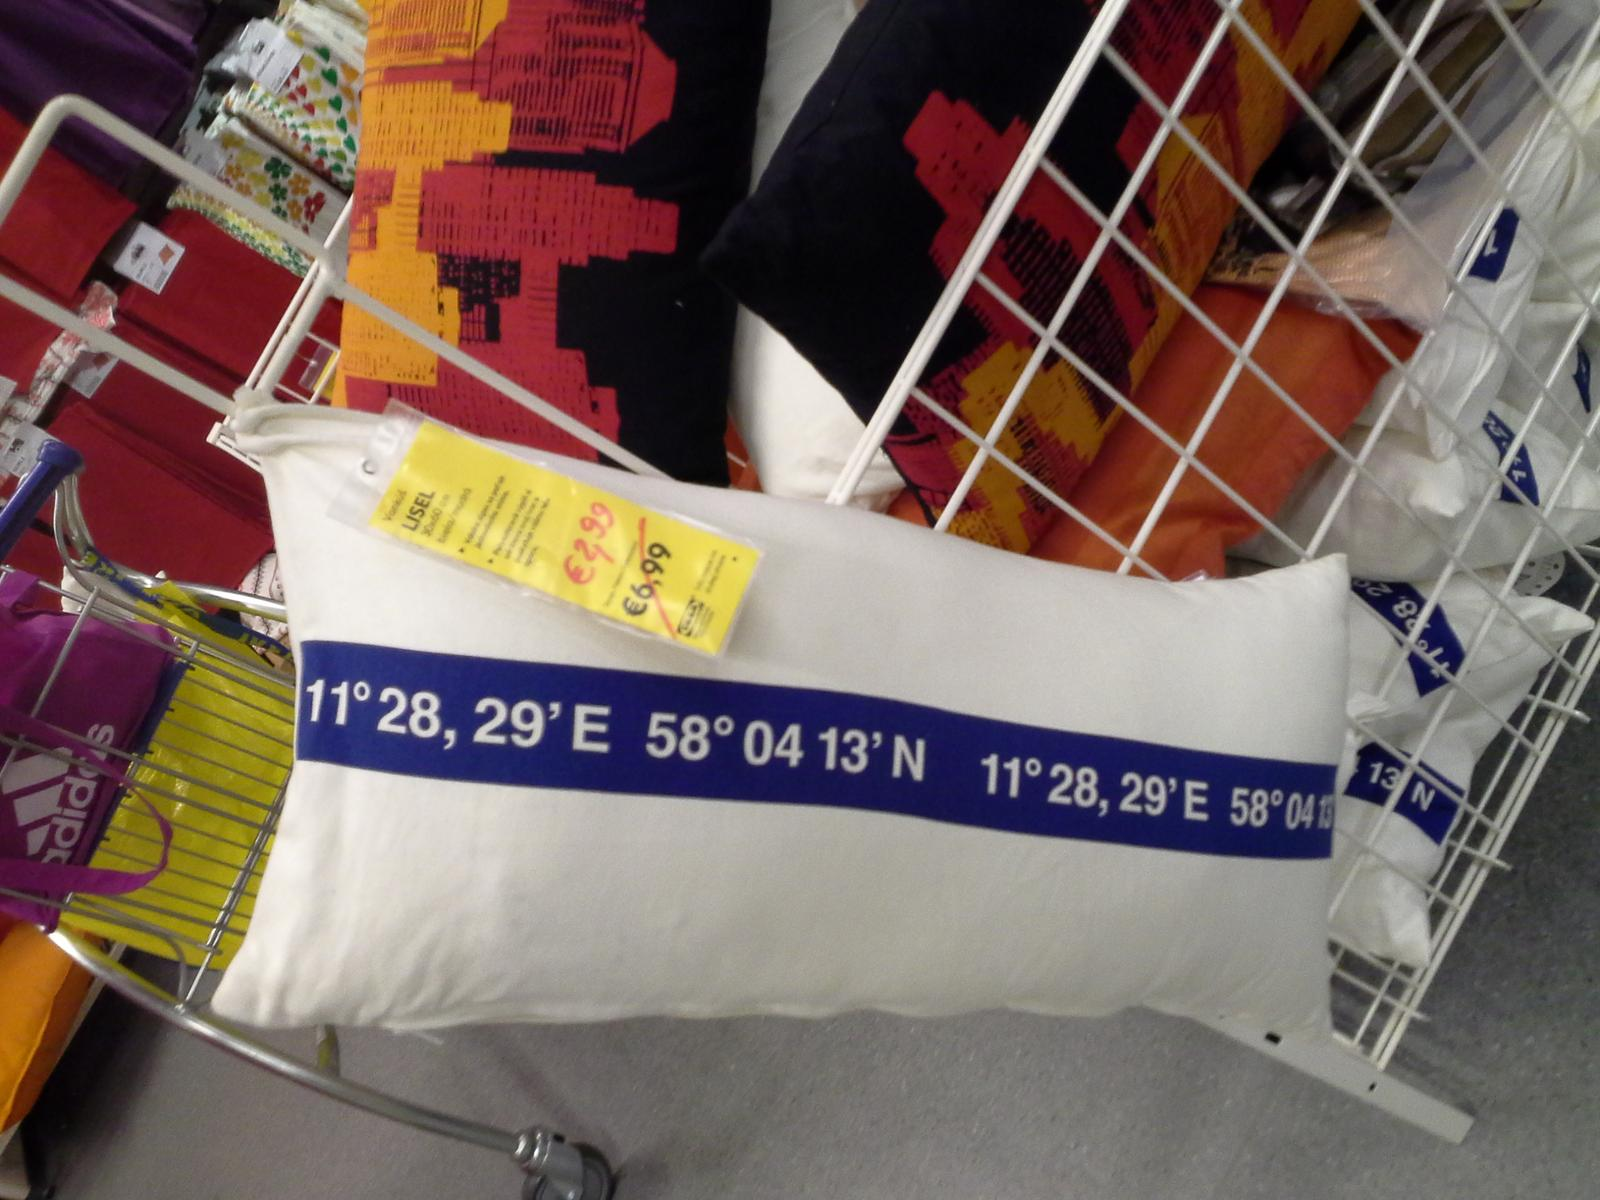 Biela Ikea... - Na tieto vankusky som cakala 2 mes...kym sa cena trosku pookrese..nooo...a uz ich maam..;))